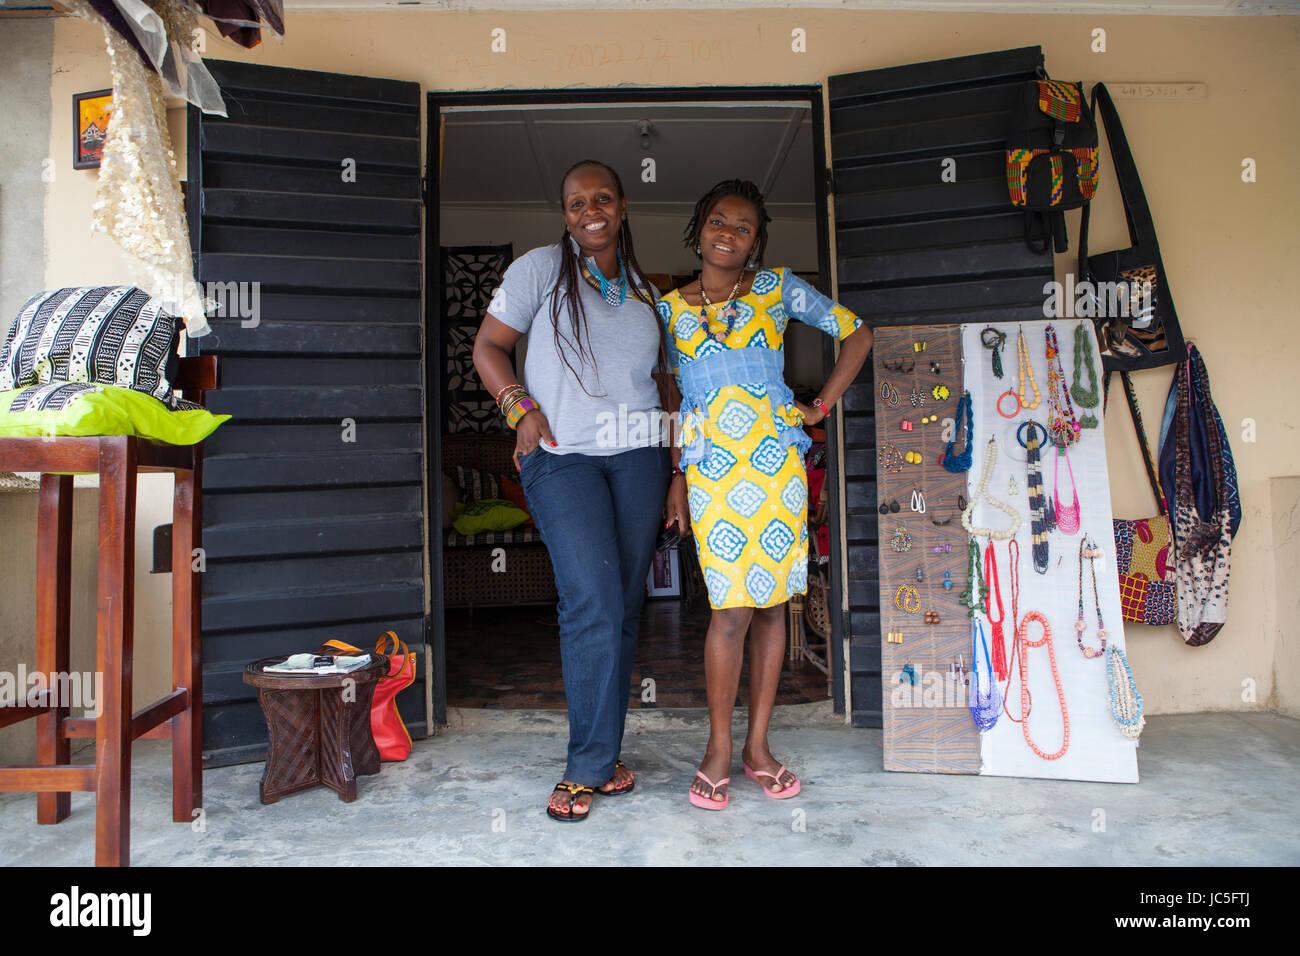 Une petite boutique à l'extérieur de sa boutique, le Nigeria, l'Afrique. Photo Stock